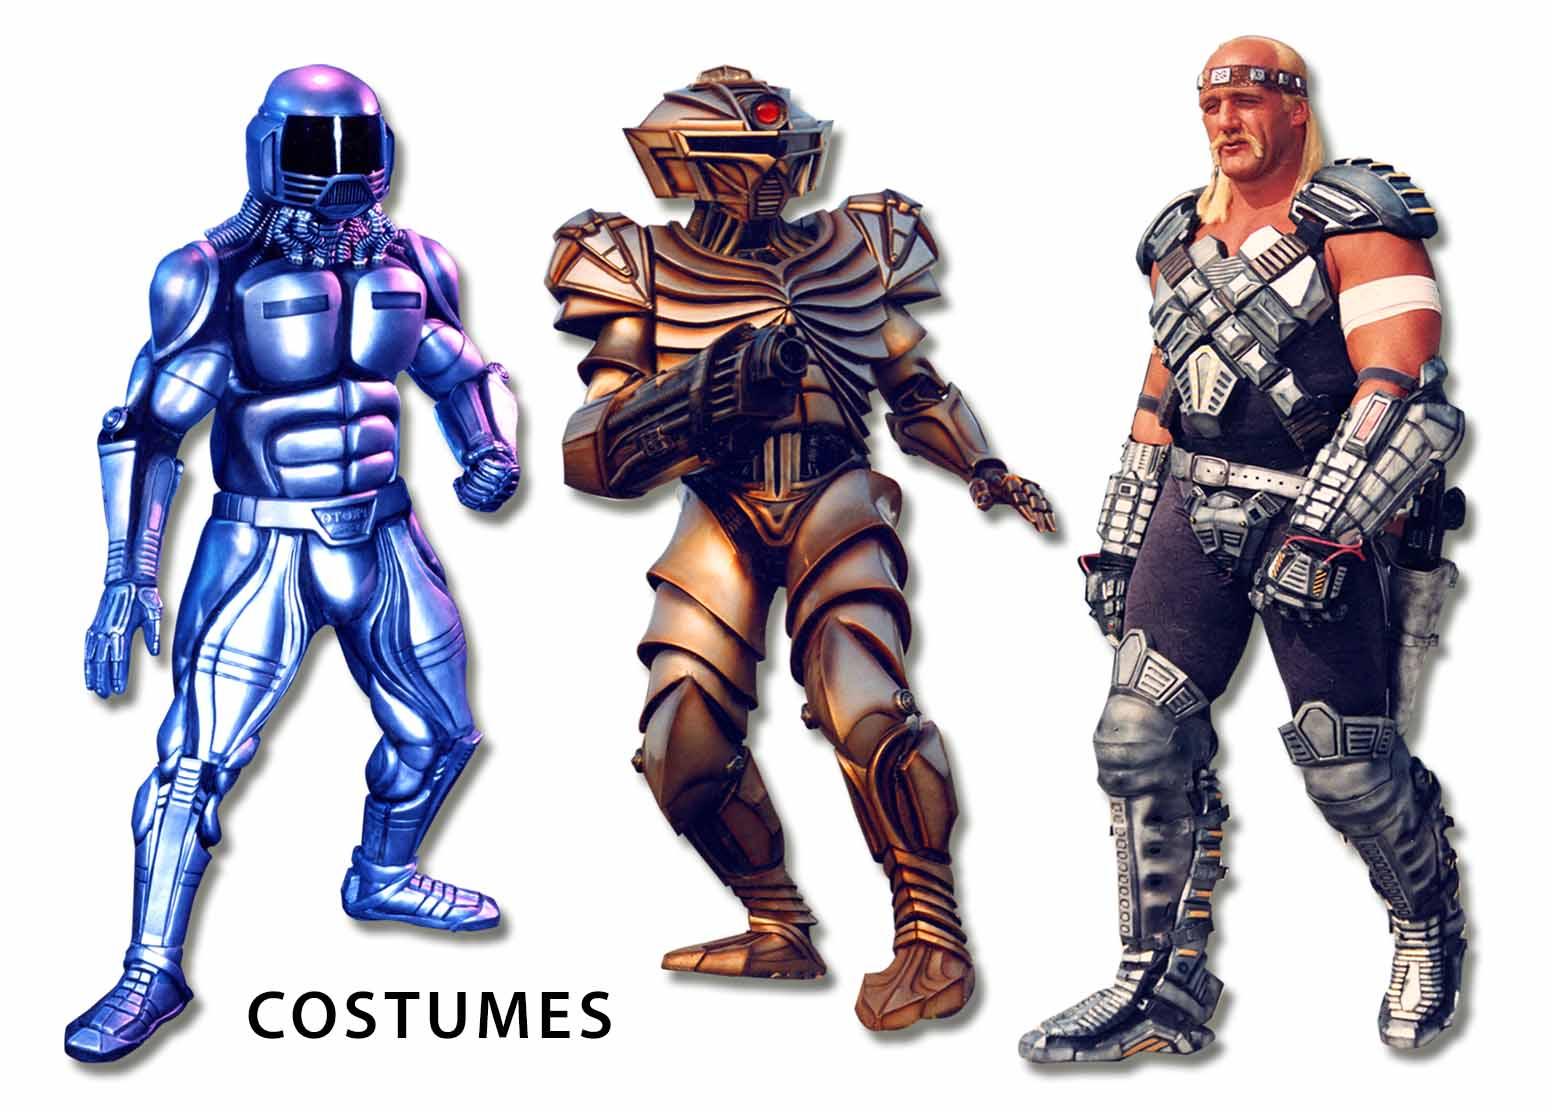 https://0201.nccdn.net/1_2/000/000/159/a75/SpEfx_costumes_web_10.jpg